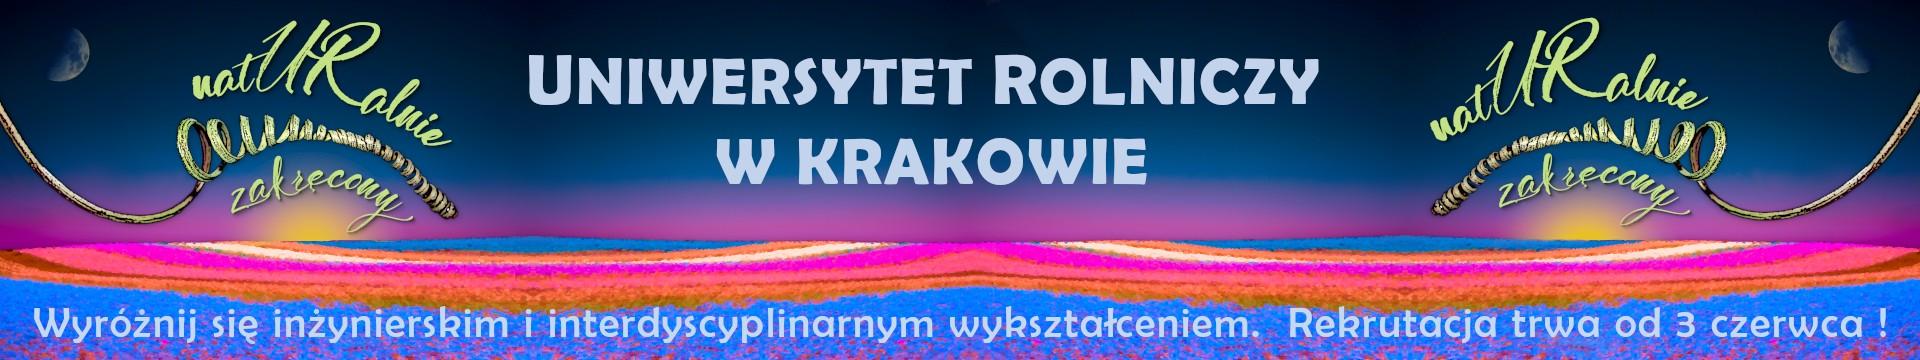 Uniwersytet Rolniczy Kraków